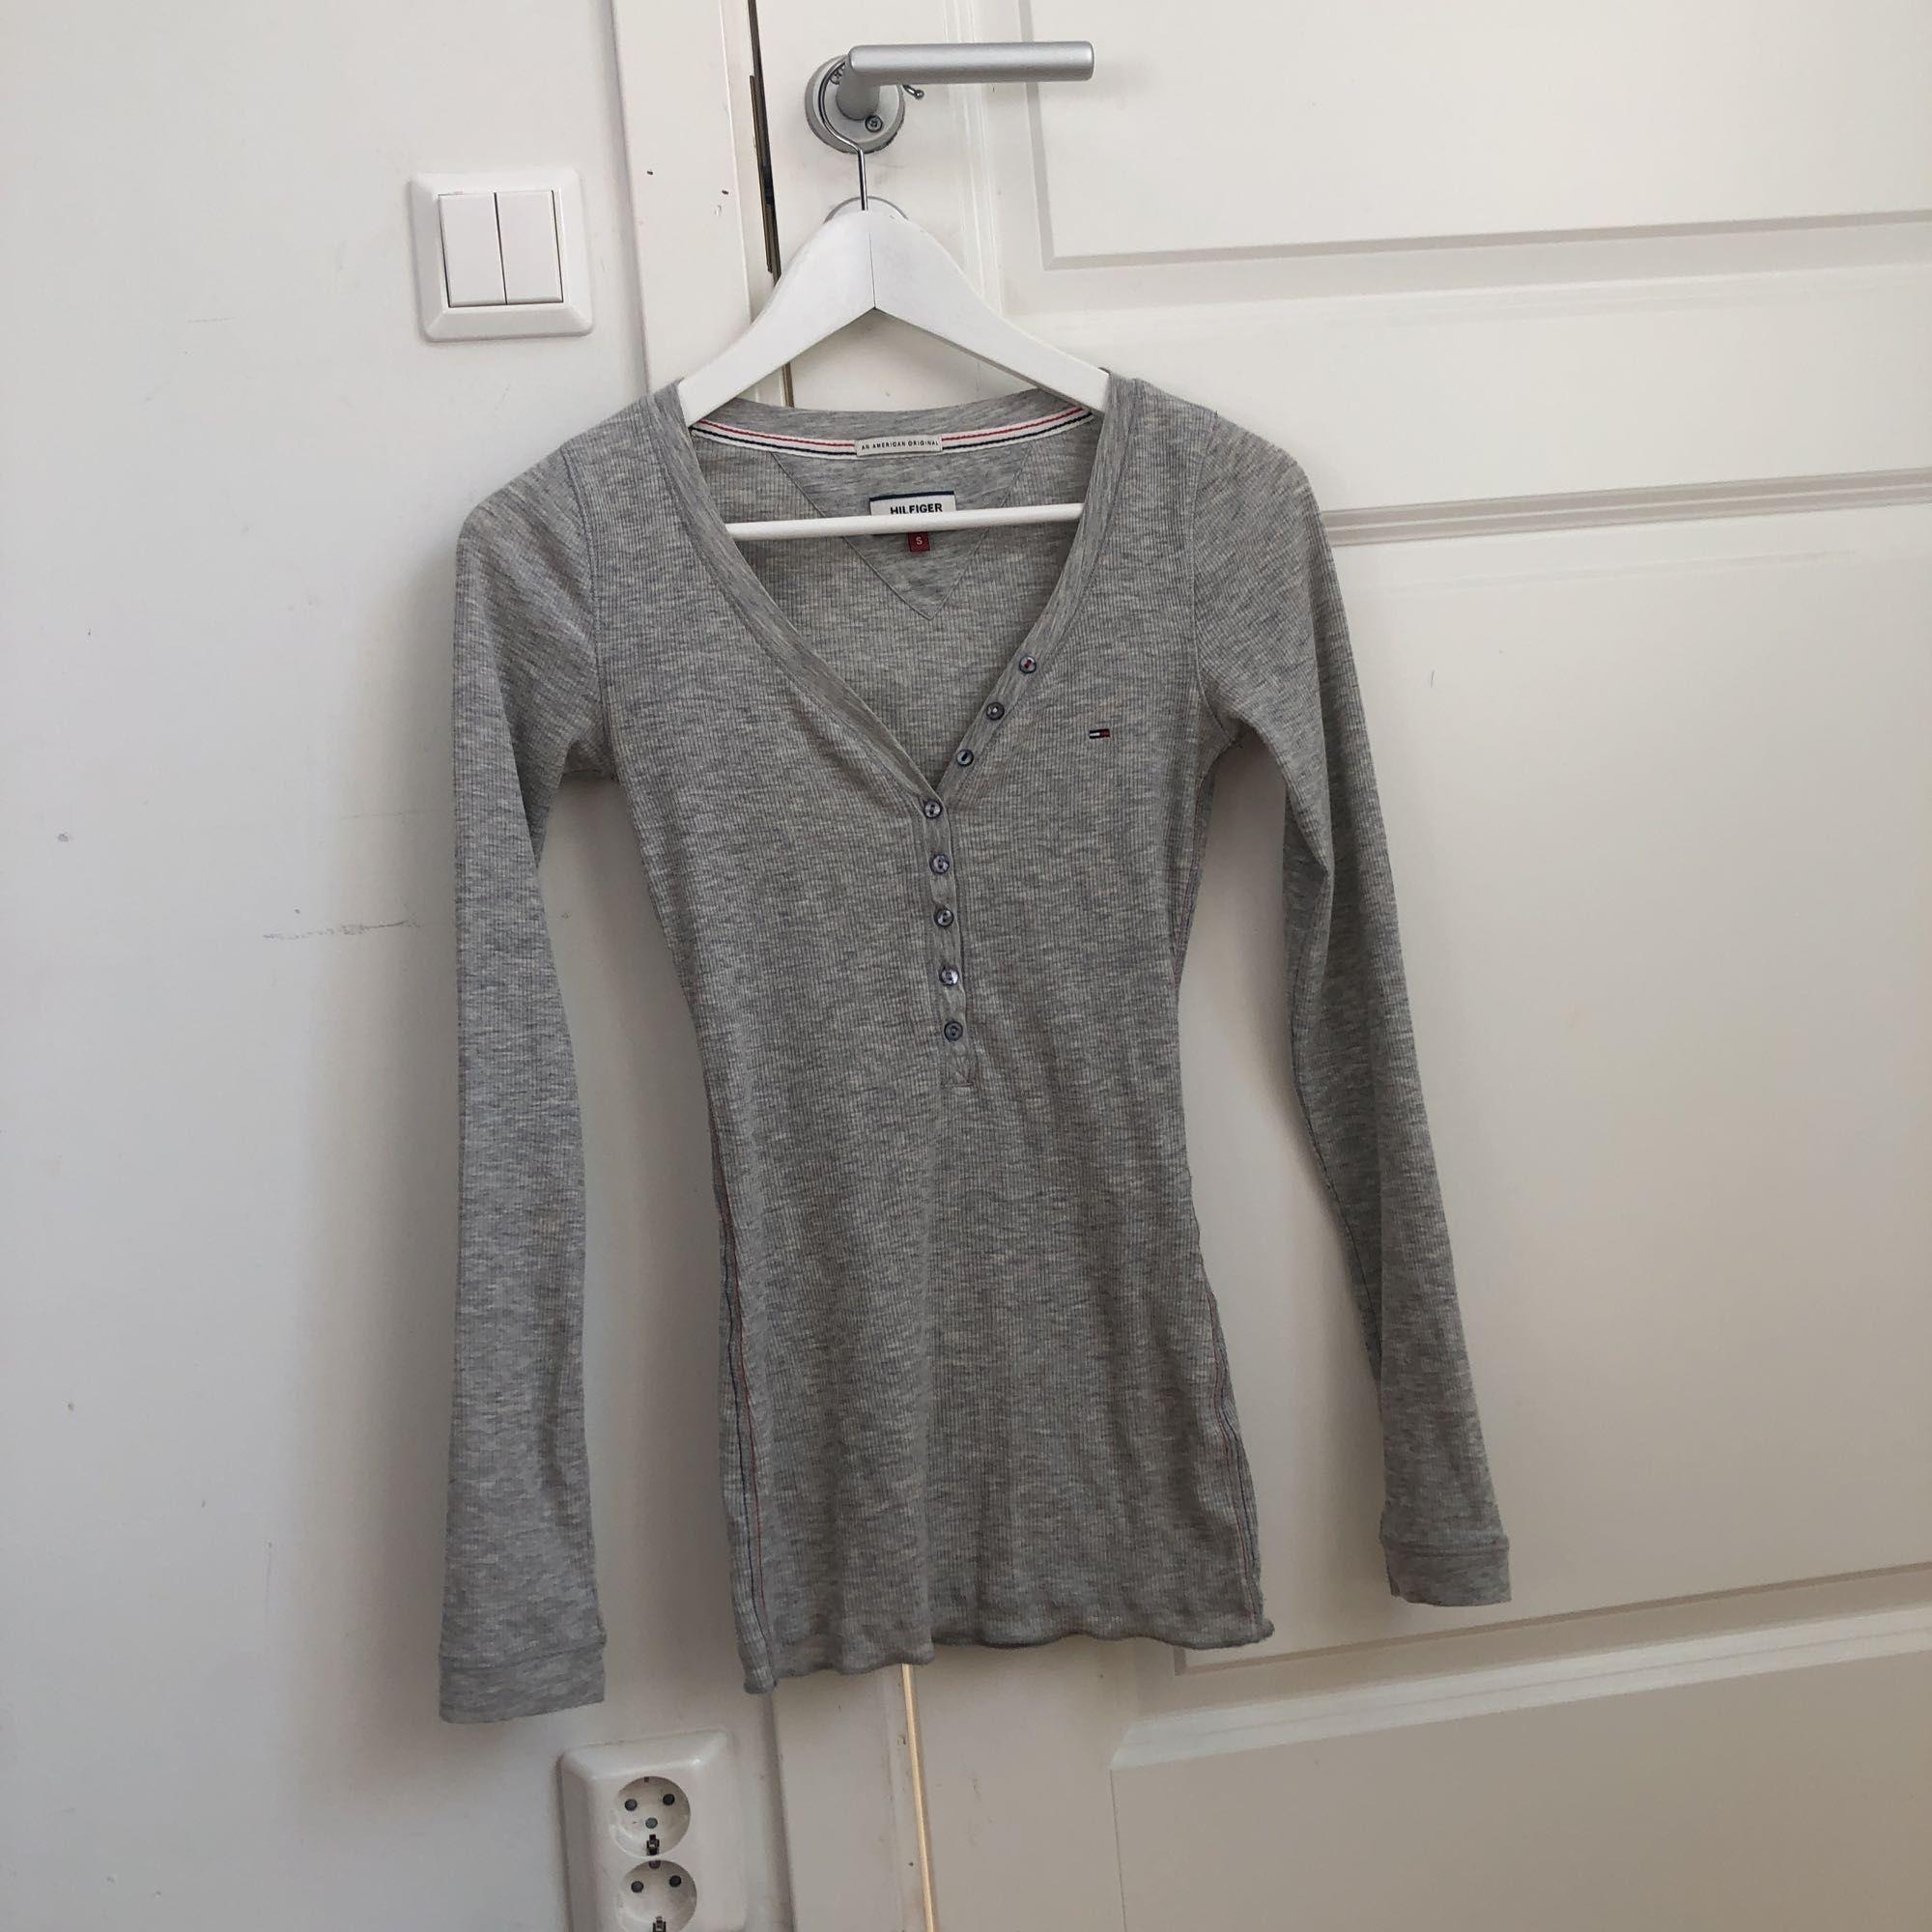 jättefin tight tröja från hilfiger. ser ut som på modellen fast den är mer urringad. frakt ingår i priset🤩. Toppar.